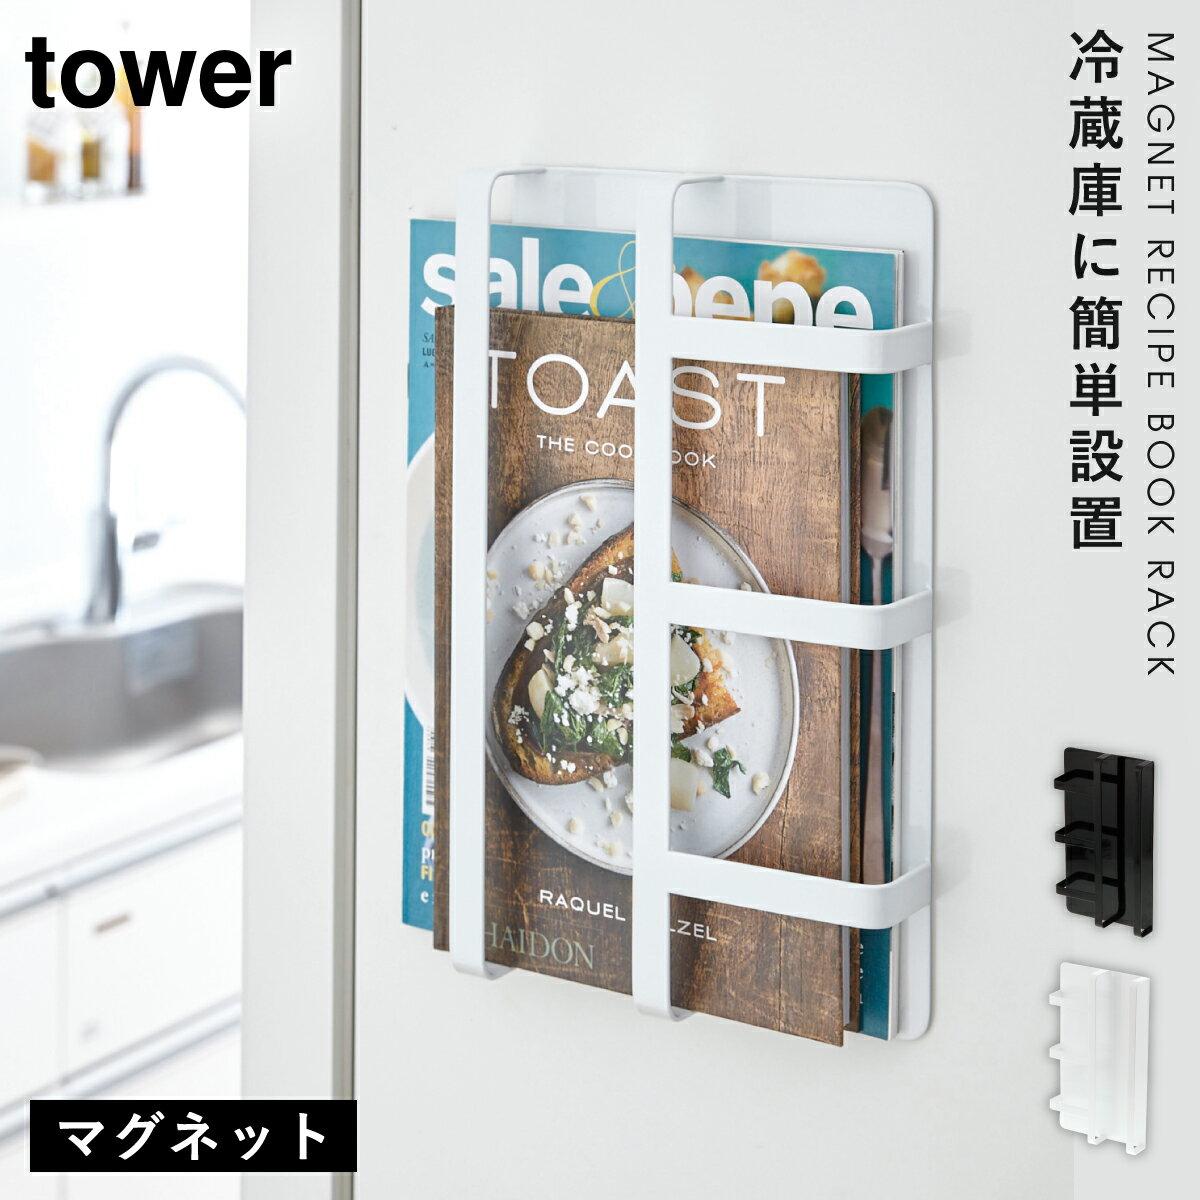 冷蔵庫サイドラック マグネット レシピラック マグネット冷蔵庫サイドレシピラック タワー 白い 黒 tower